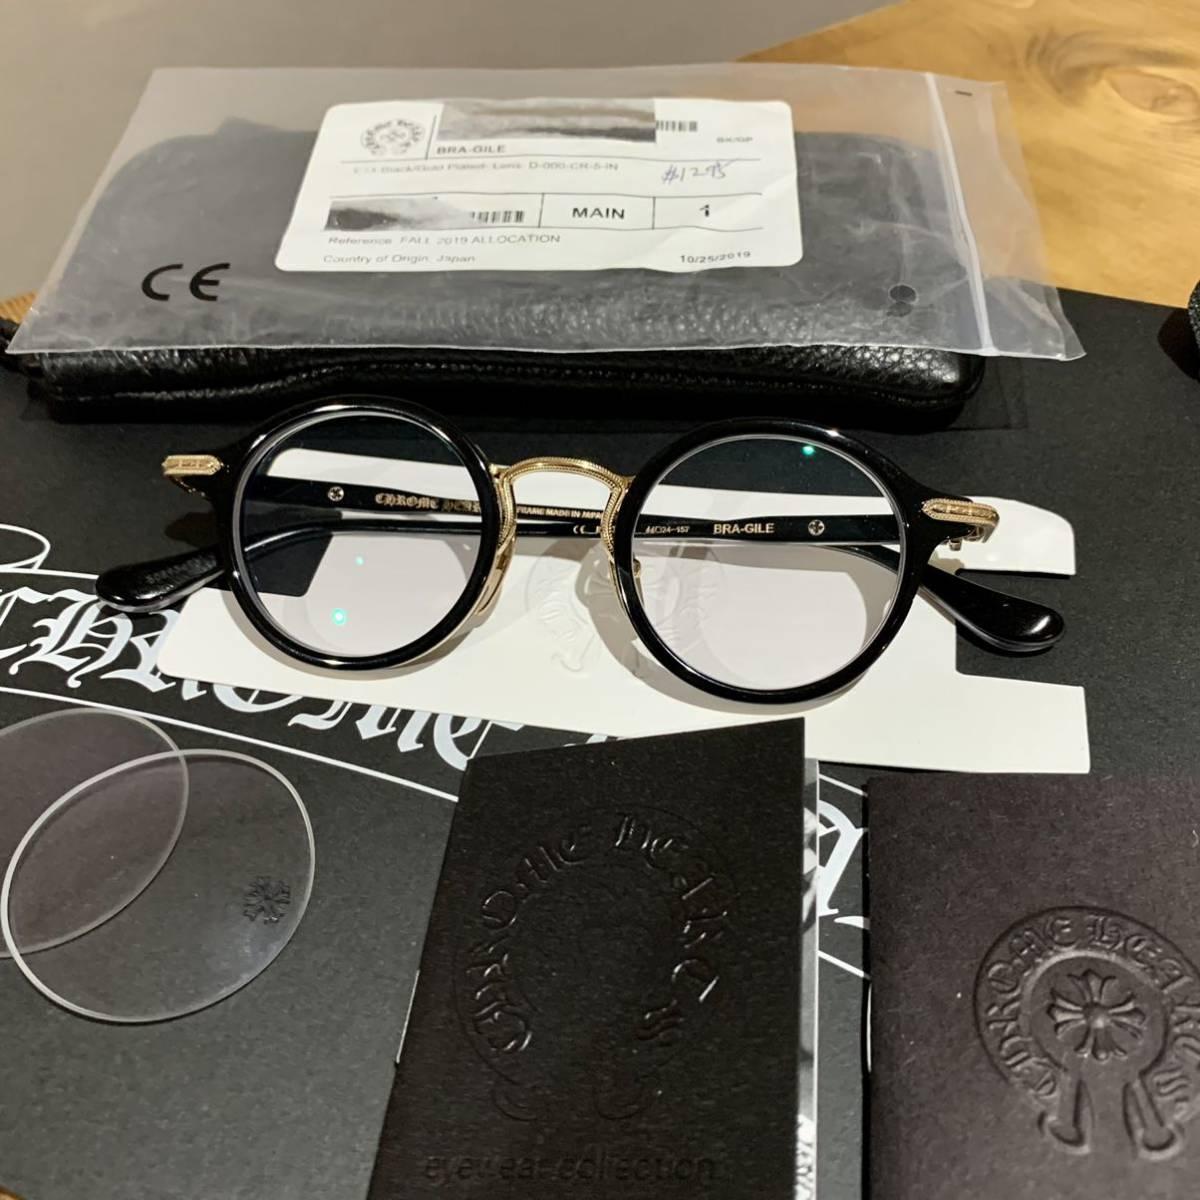 正規品 美品 クロムハーツ BRA-GILE メガネ 眼鏡 ゴールド 丸型 流行 サングラス